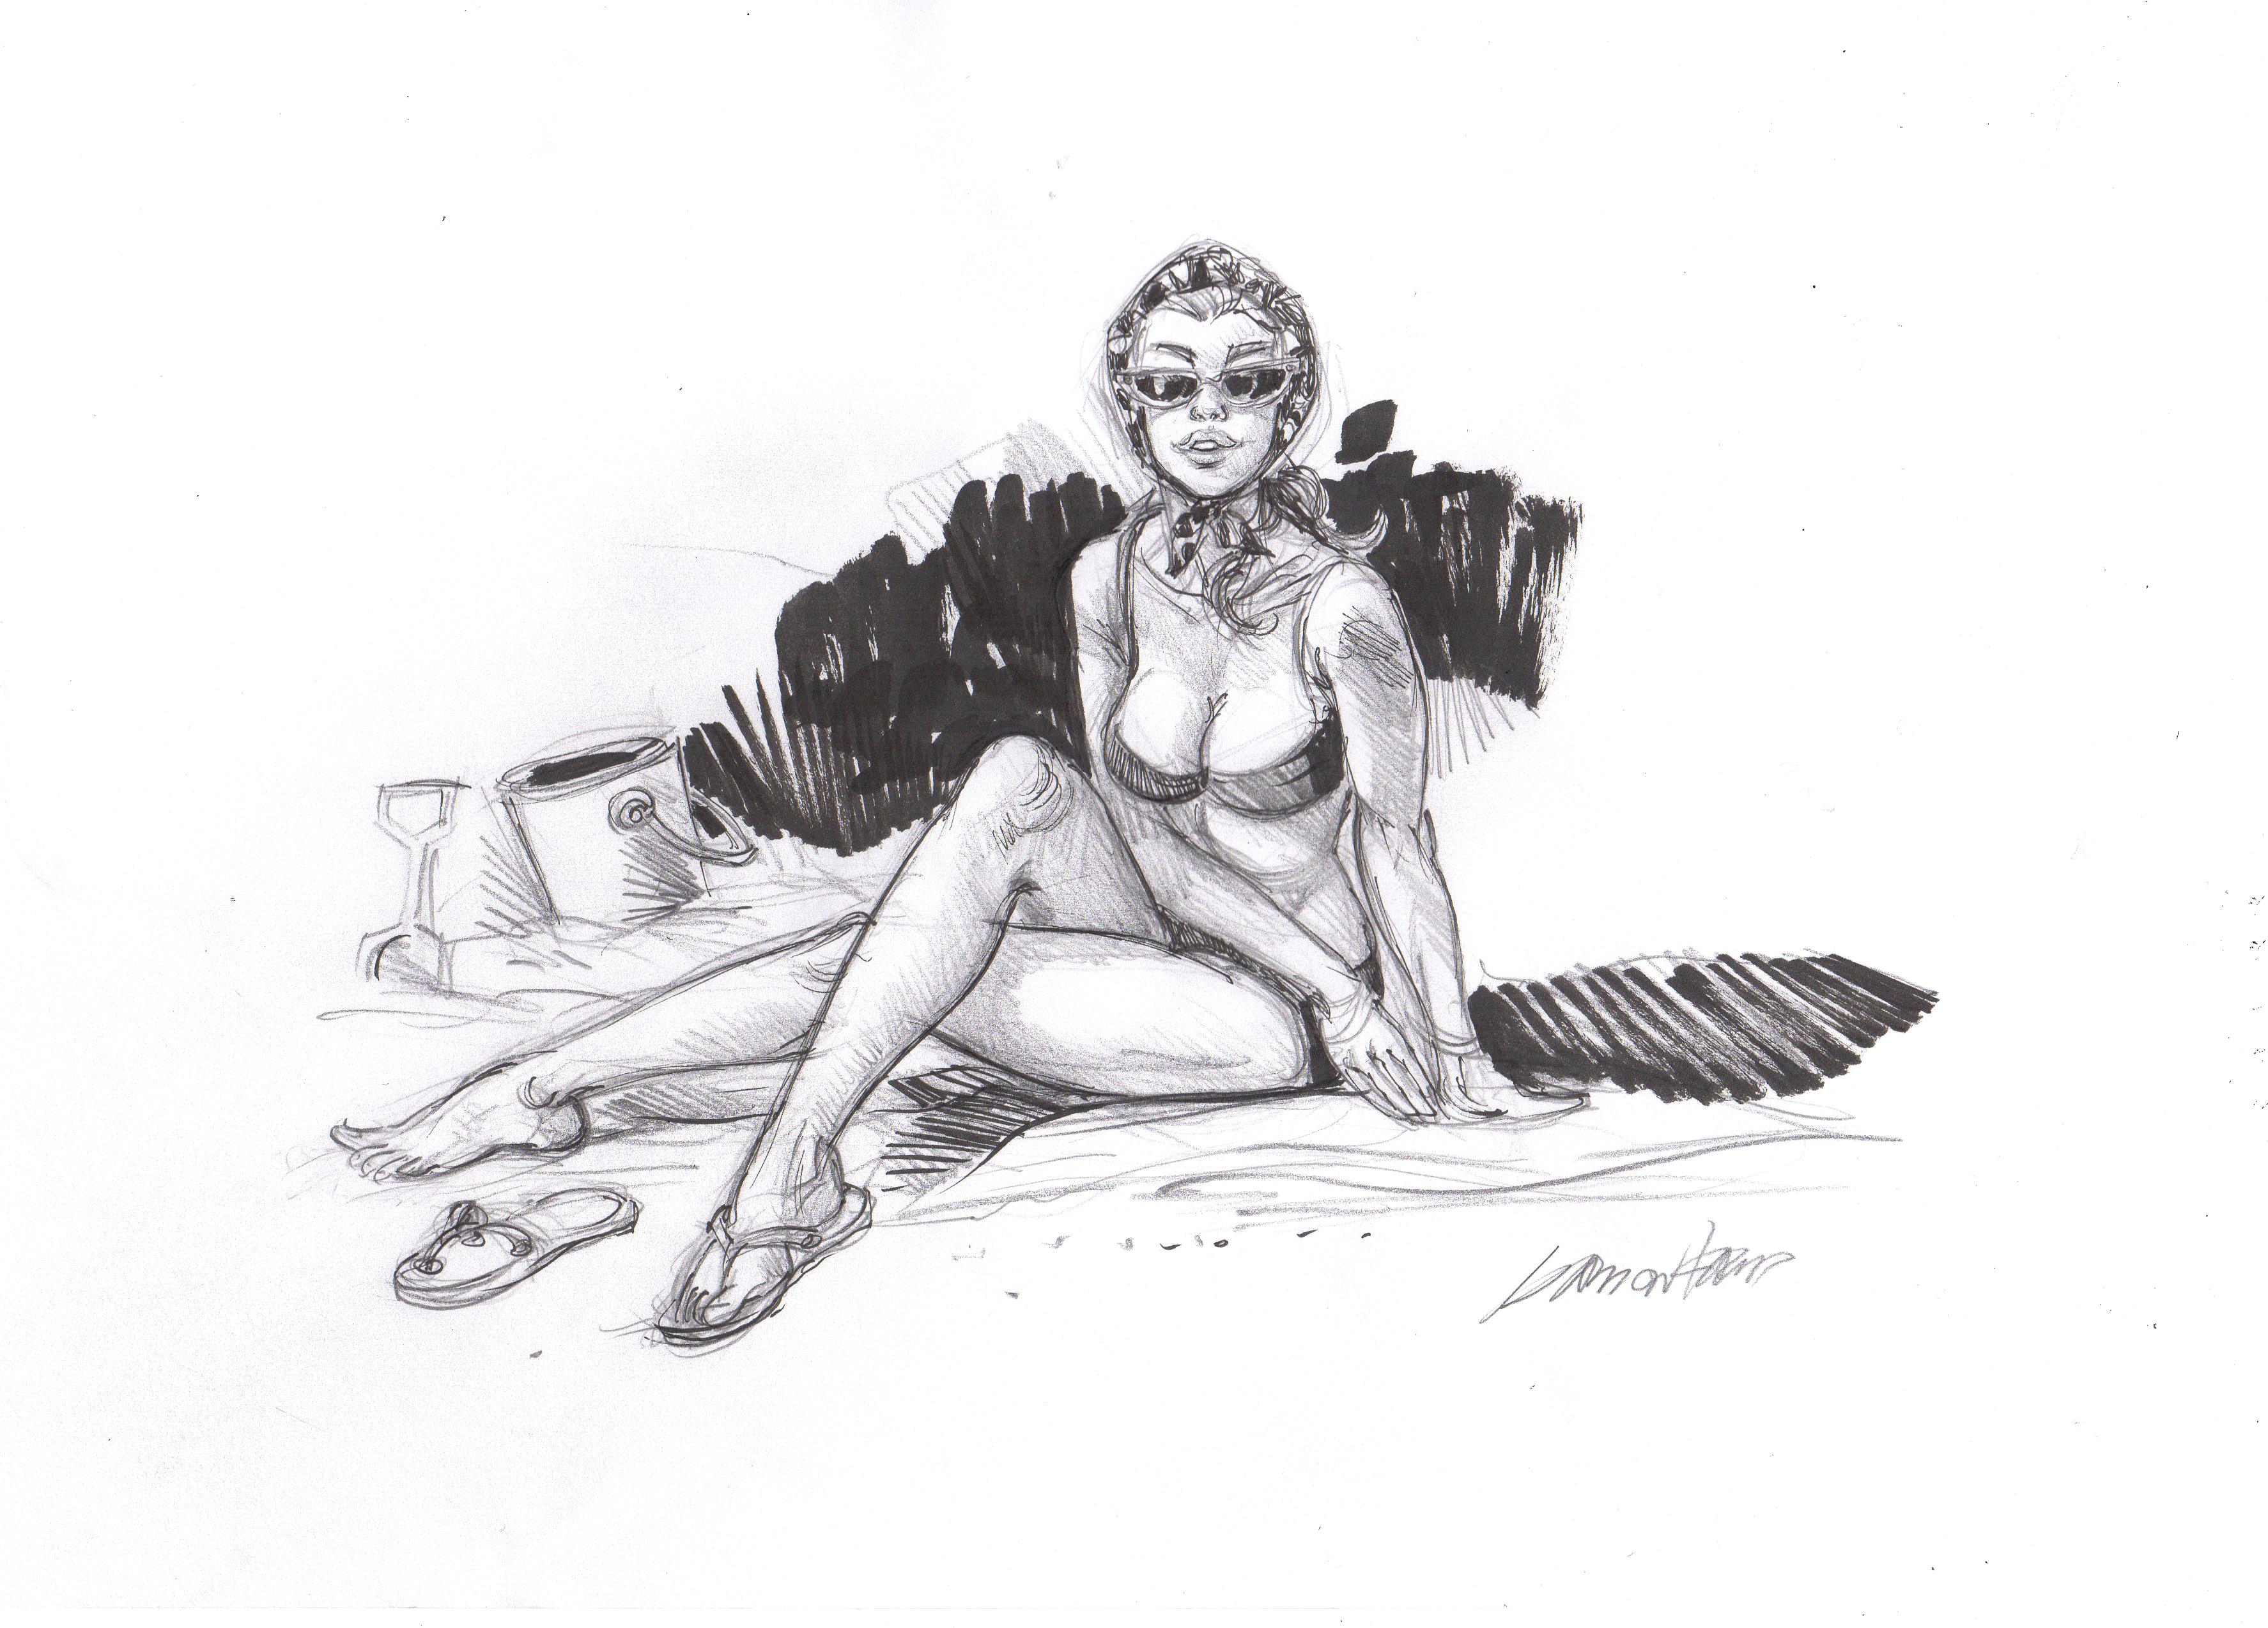 Femme_aux_lunettes__sketch_m_diums_mixes_sur_papier_format_am_ricain_8_5_pouces_x_14_pouces_65_euros-1512838528.jpg